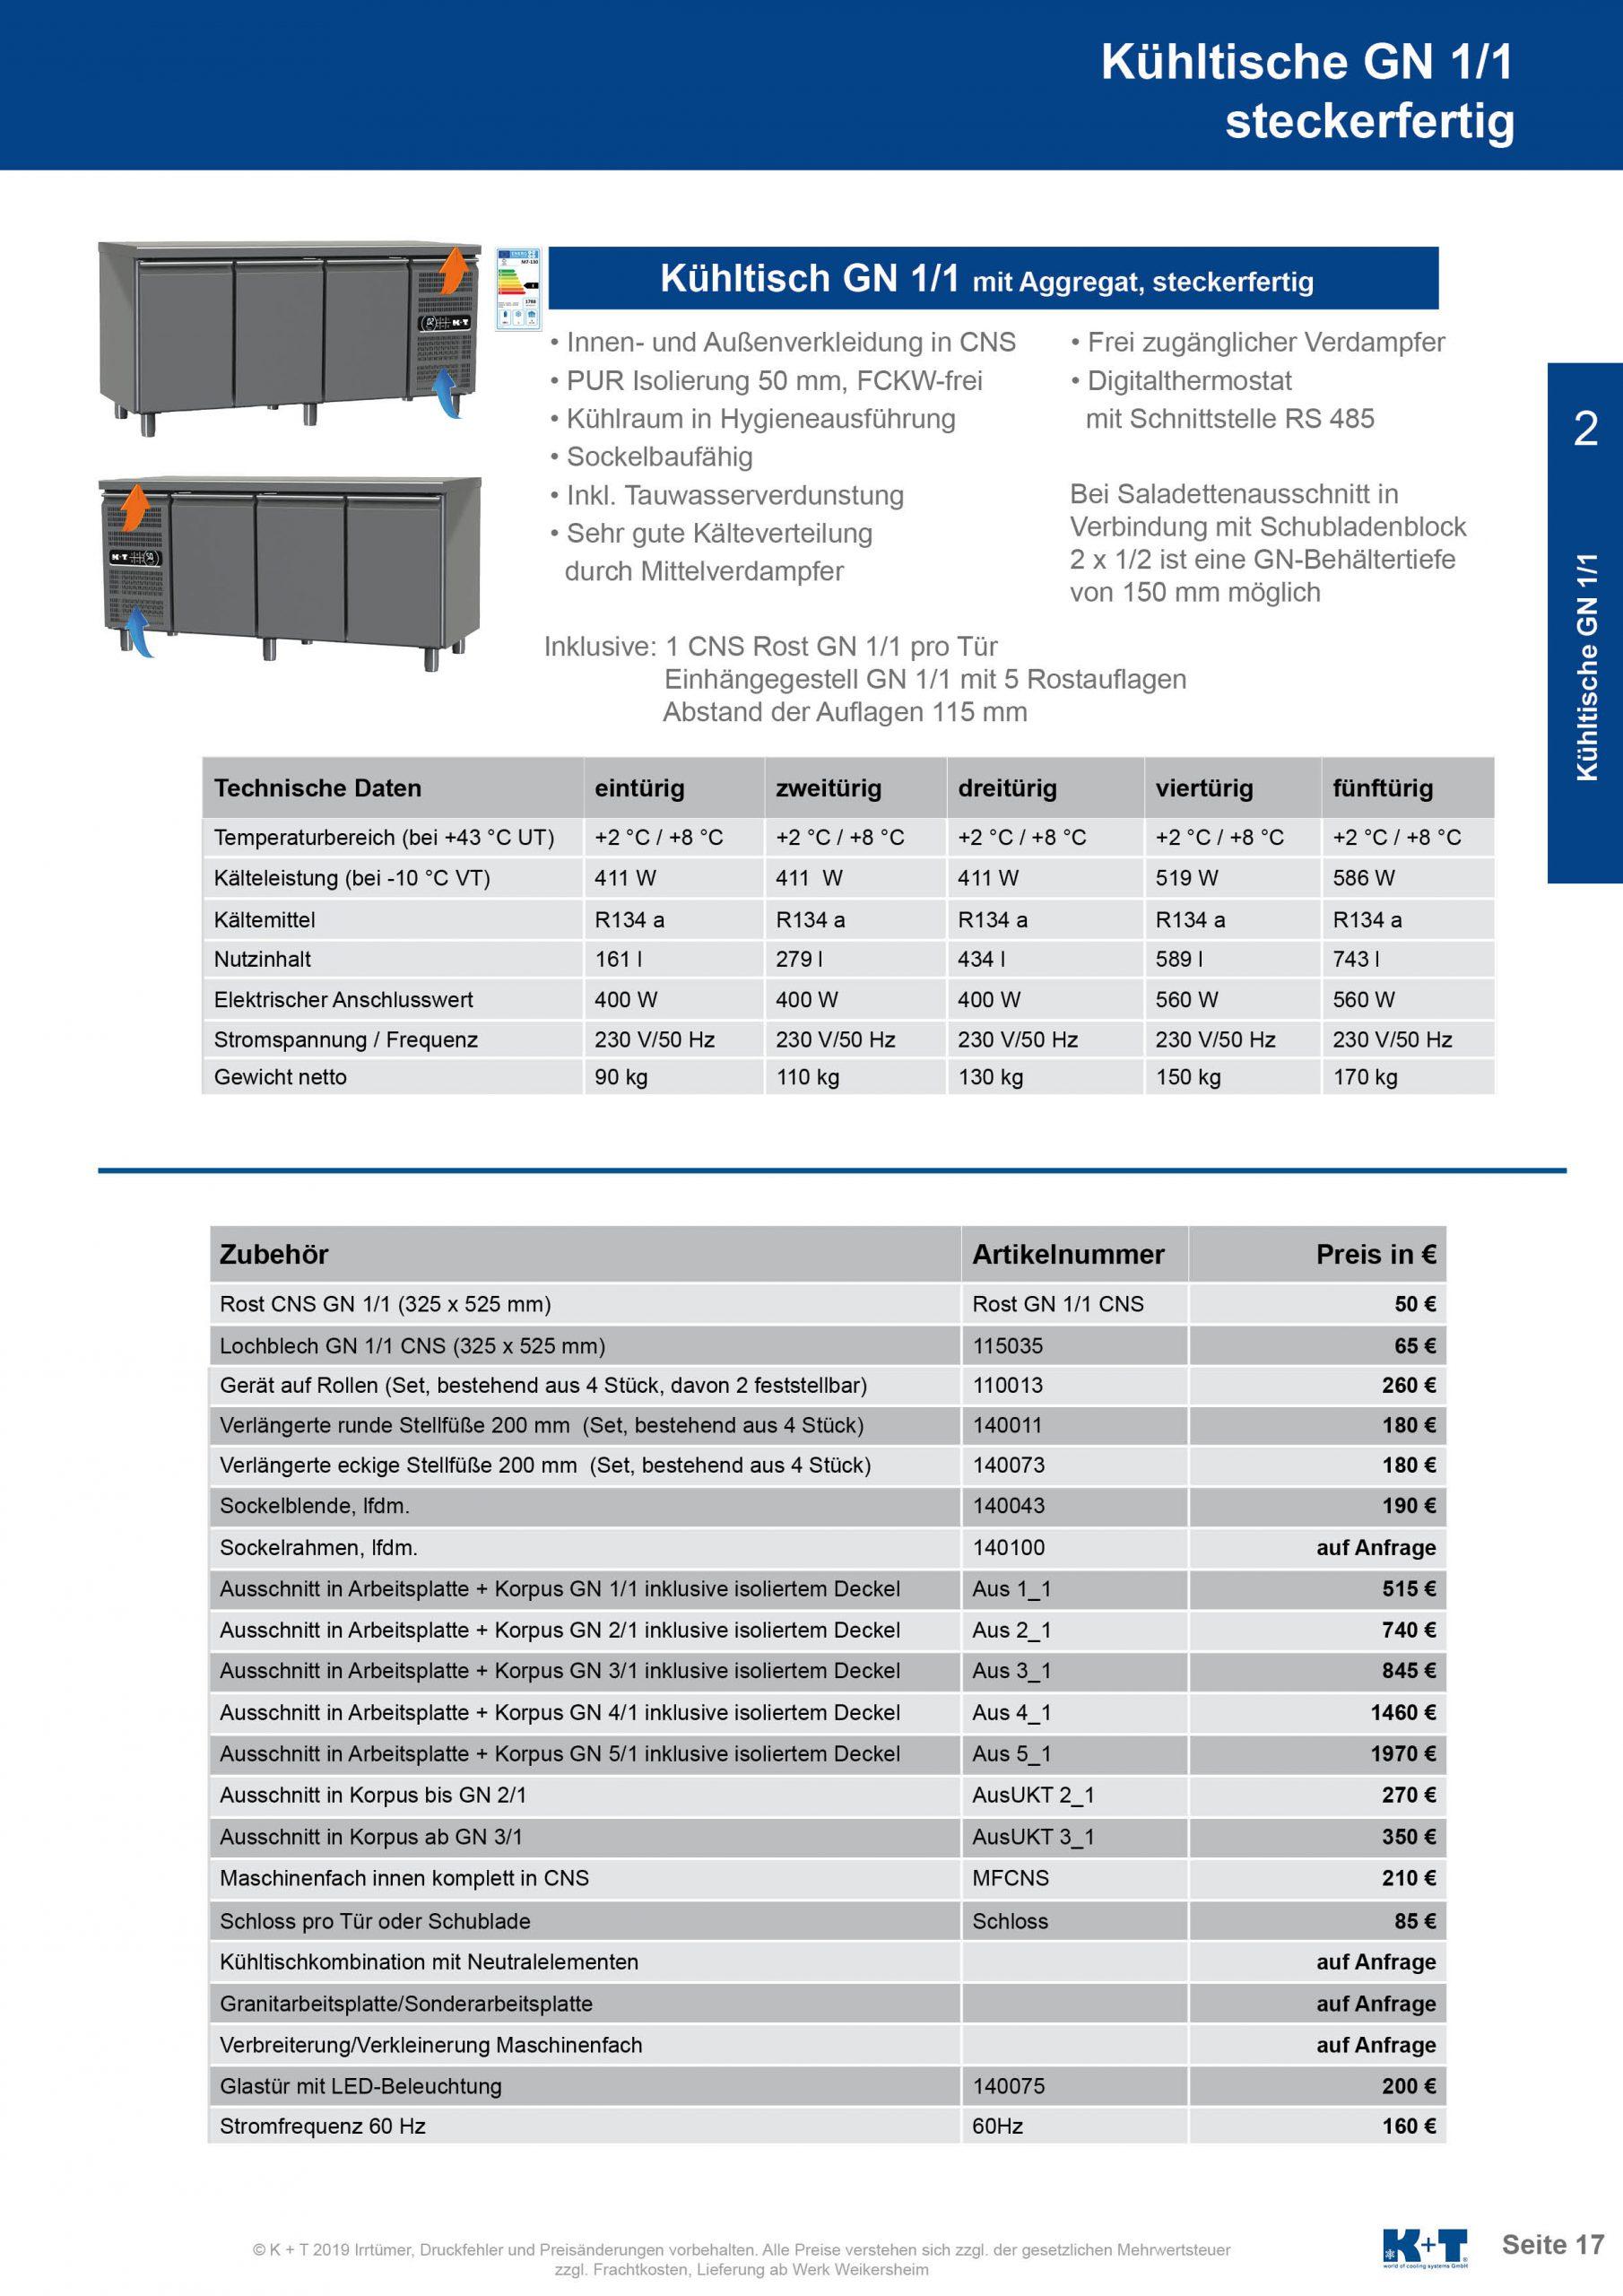 Kühltisch GN 1_1 Korpus 700 steckerfertig 2